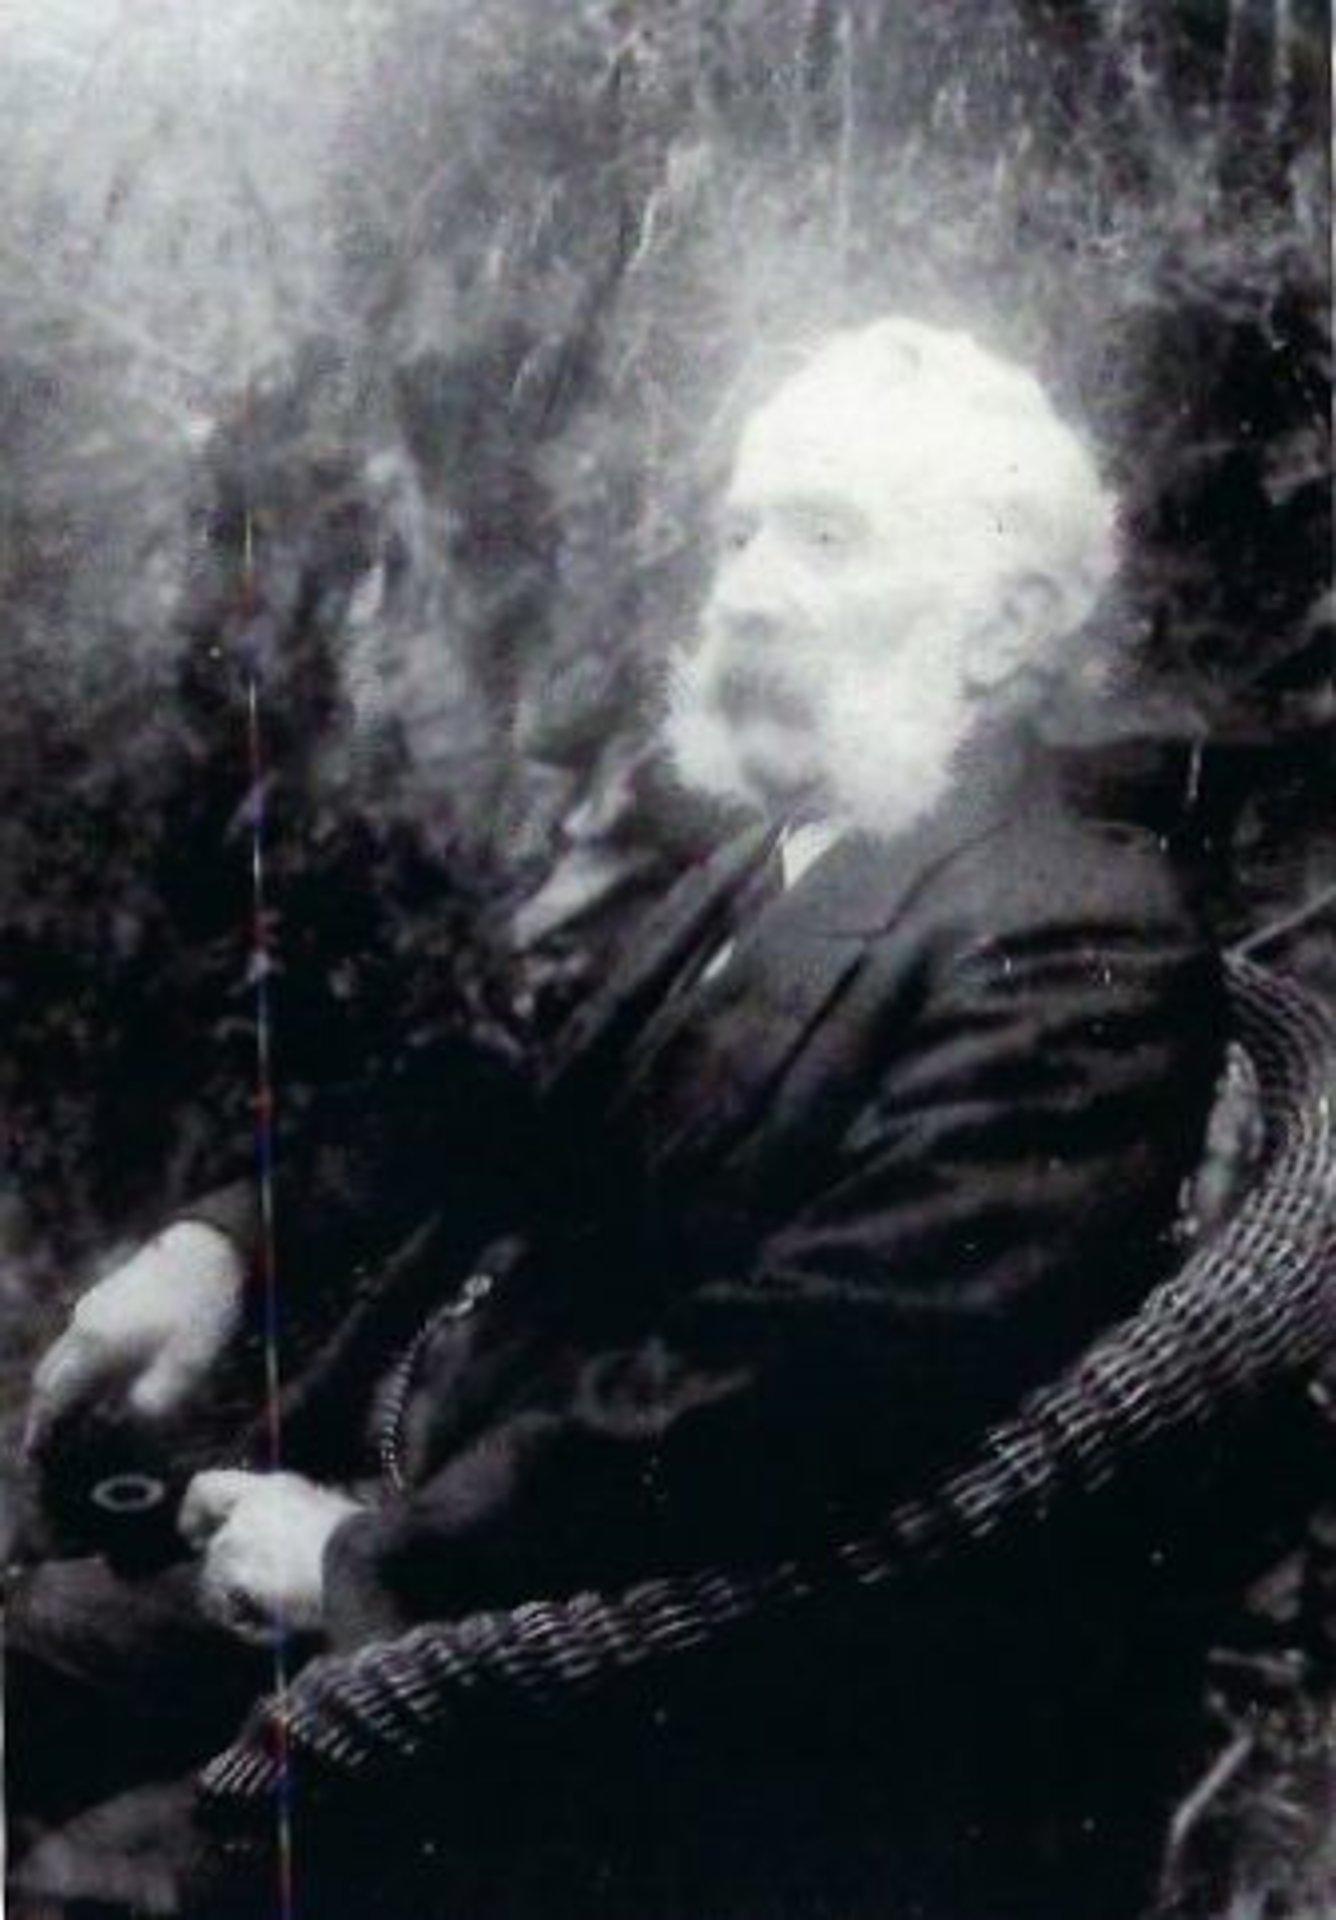 Simon Gärtner